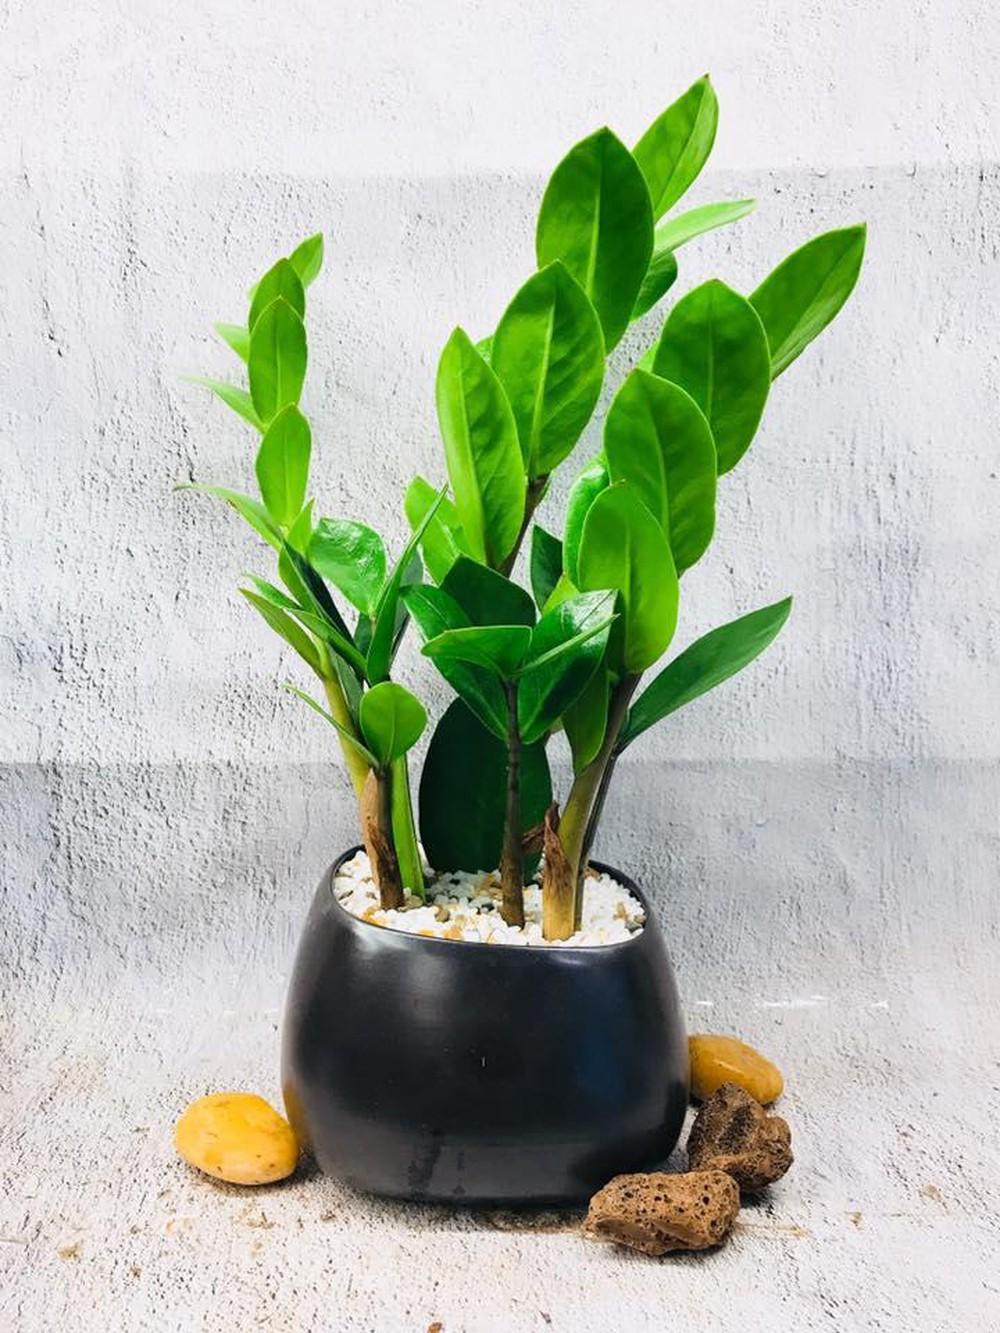 5 lưu ý về phong thủy khi trồng cây cảnh trong nhà, giải trừ vận xui, lộc tài tăng tiến - Ảnh 4.